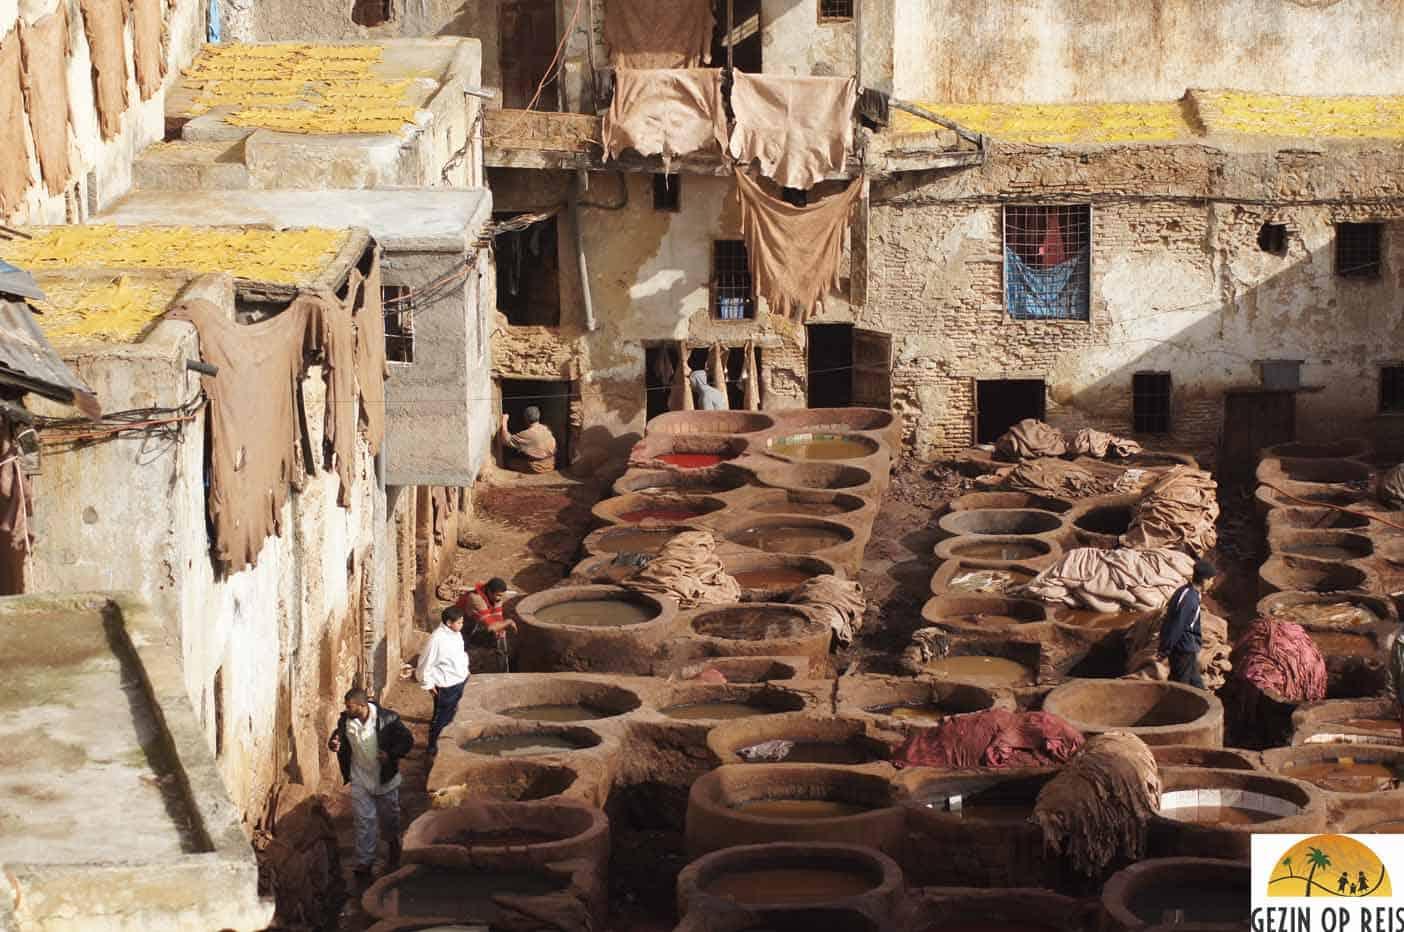 Marokko meivakantie